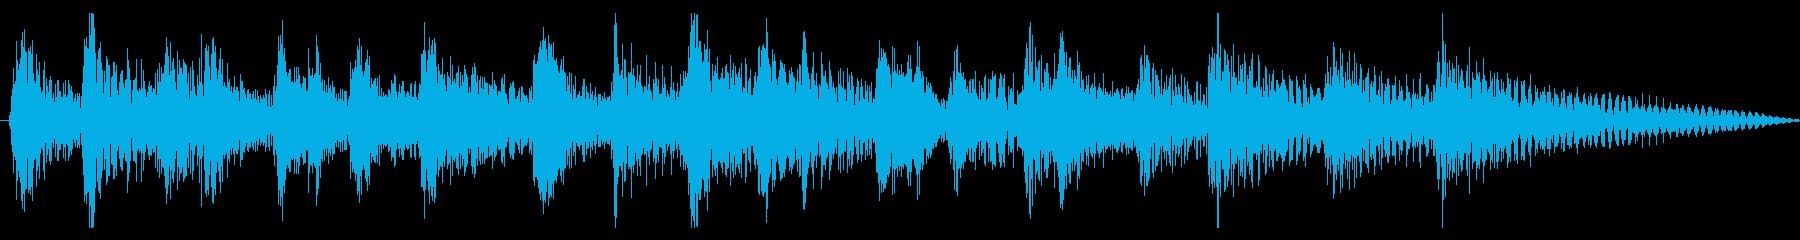 ボサノバ・ジングル・場面転換などにの再生済みの波形